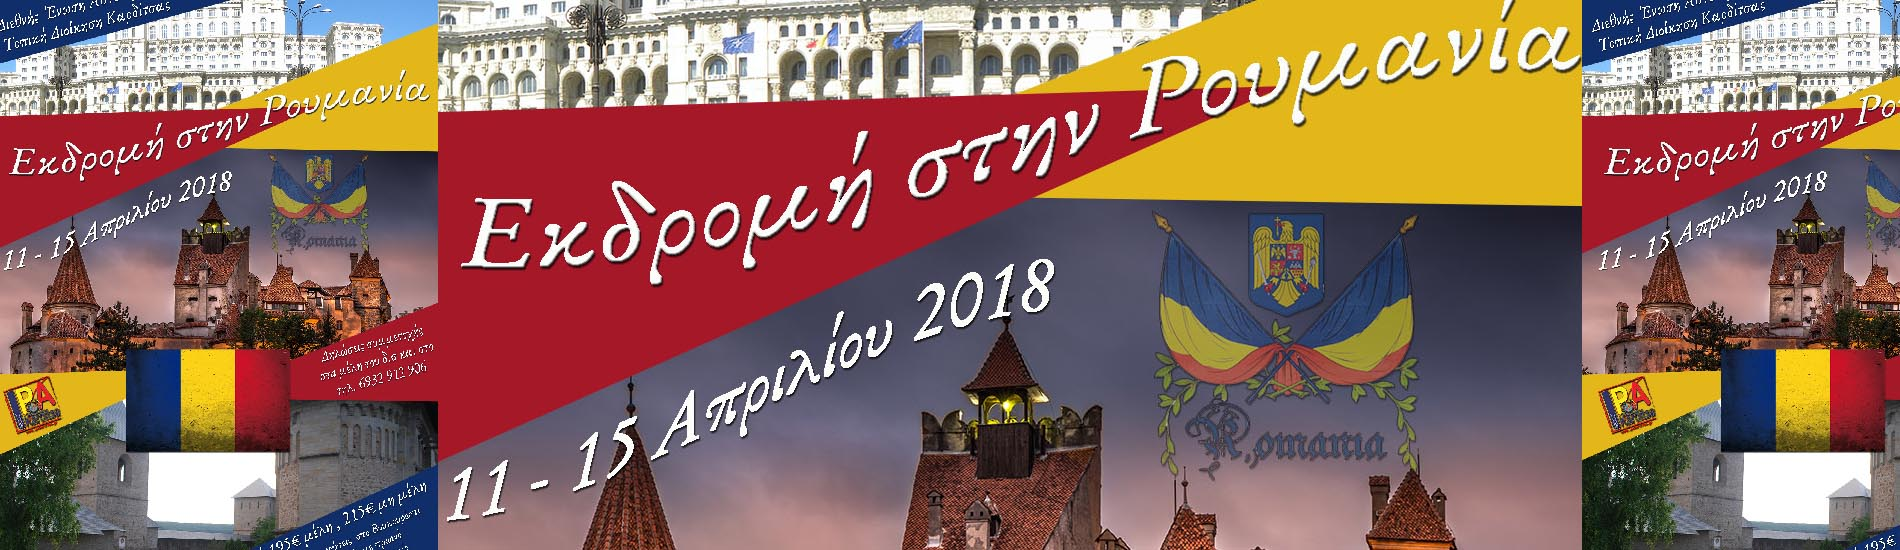 Εκδρομή στη Ρουμανία 11 με 15 Απριλίου